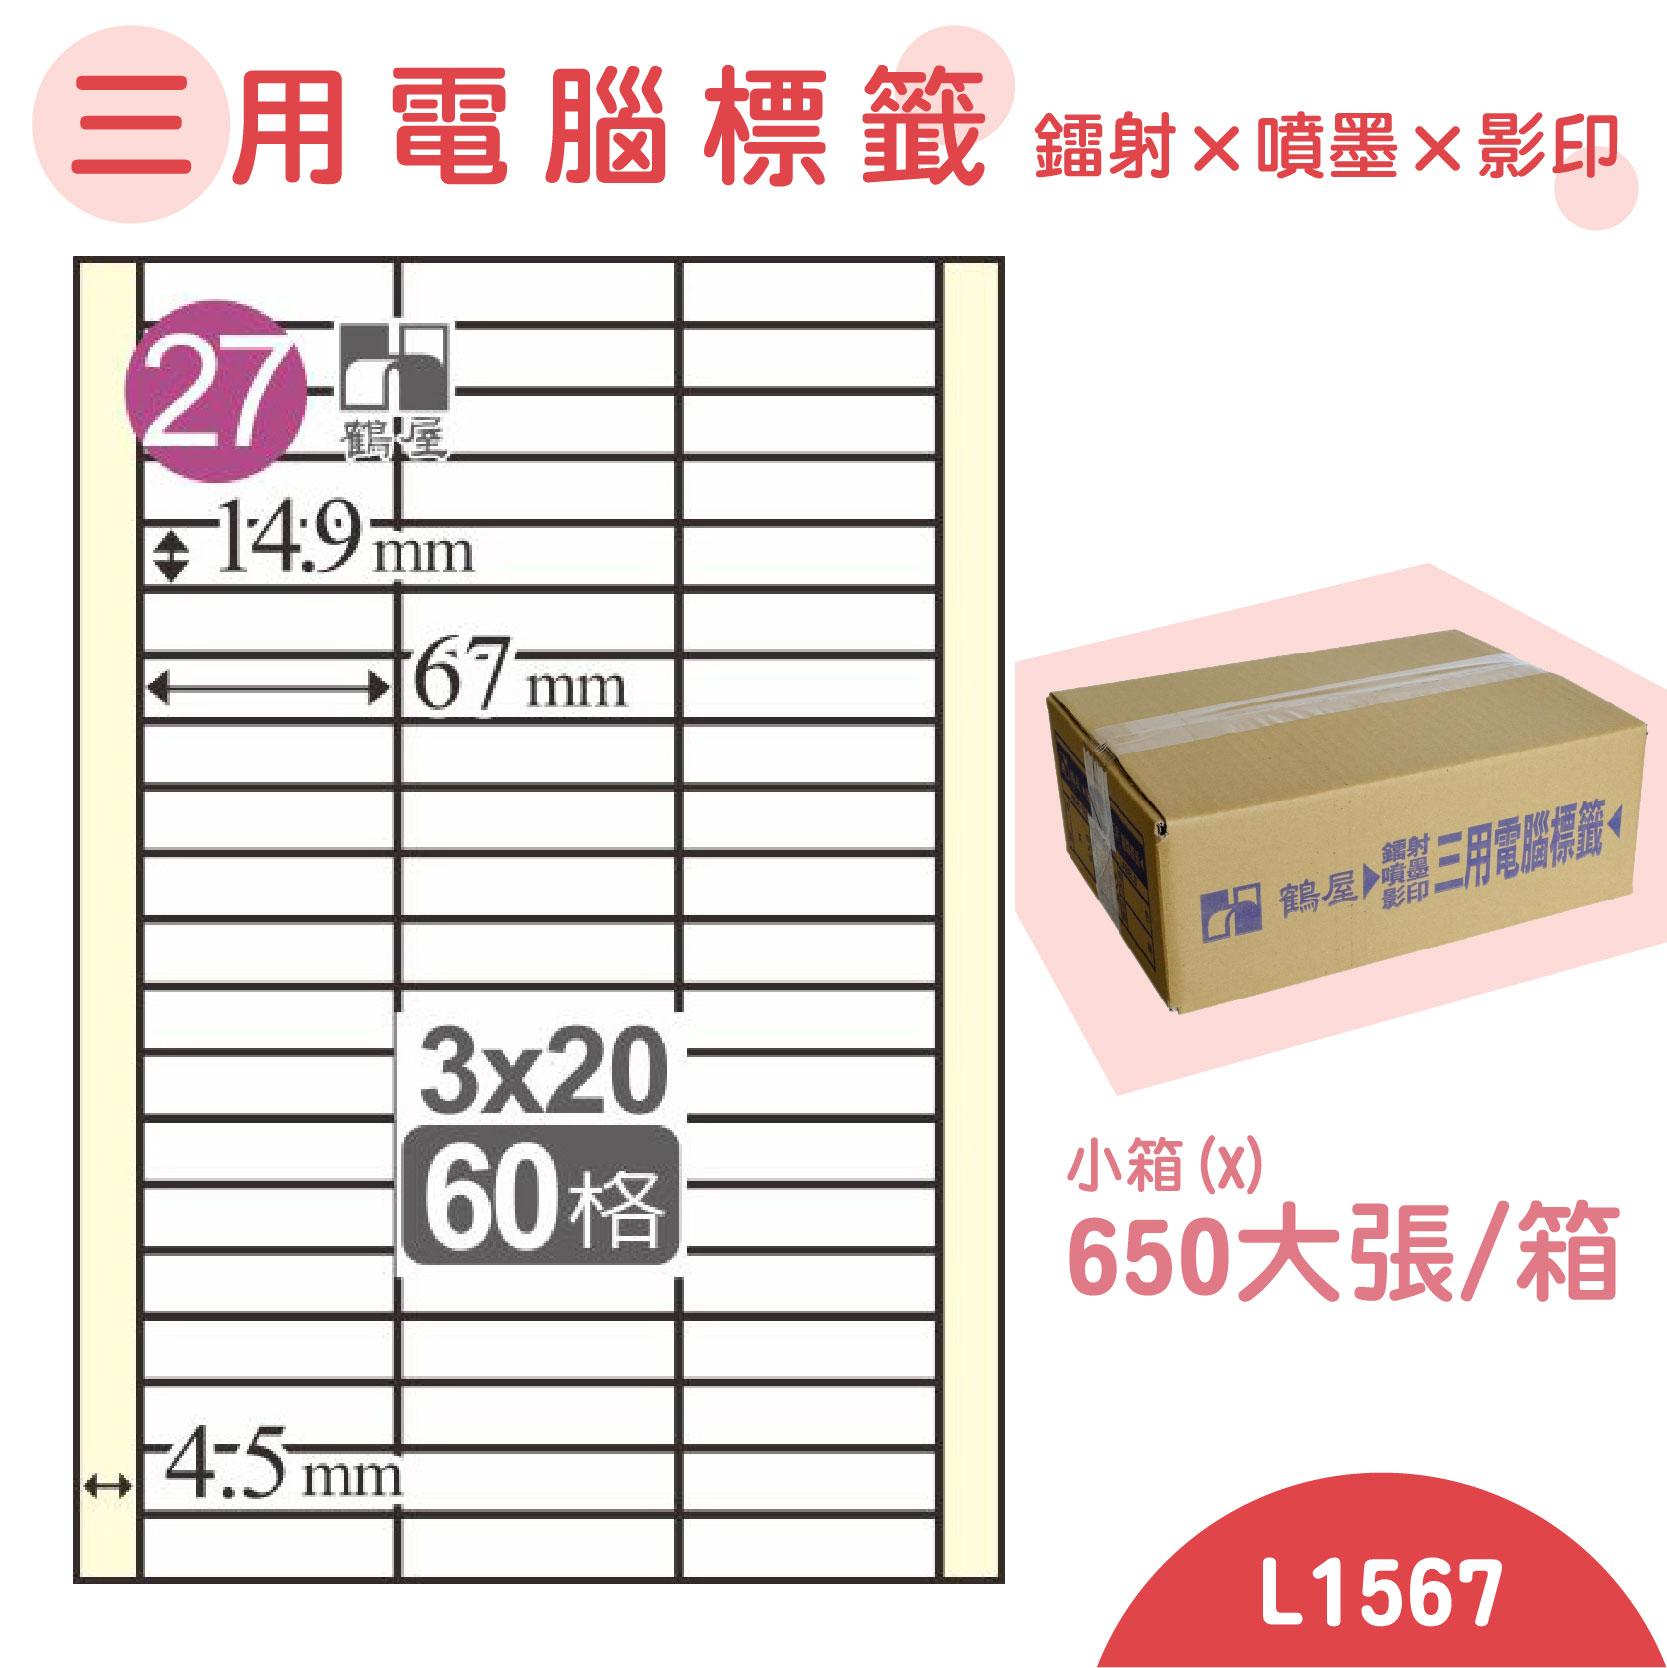 電腦標籤紙(鶴屋) 白色 L1567 60格 650大張/小箱 影印 雷射 噴墨 三用 標籤 貼紙 信封 光碟 名條